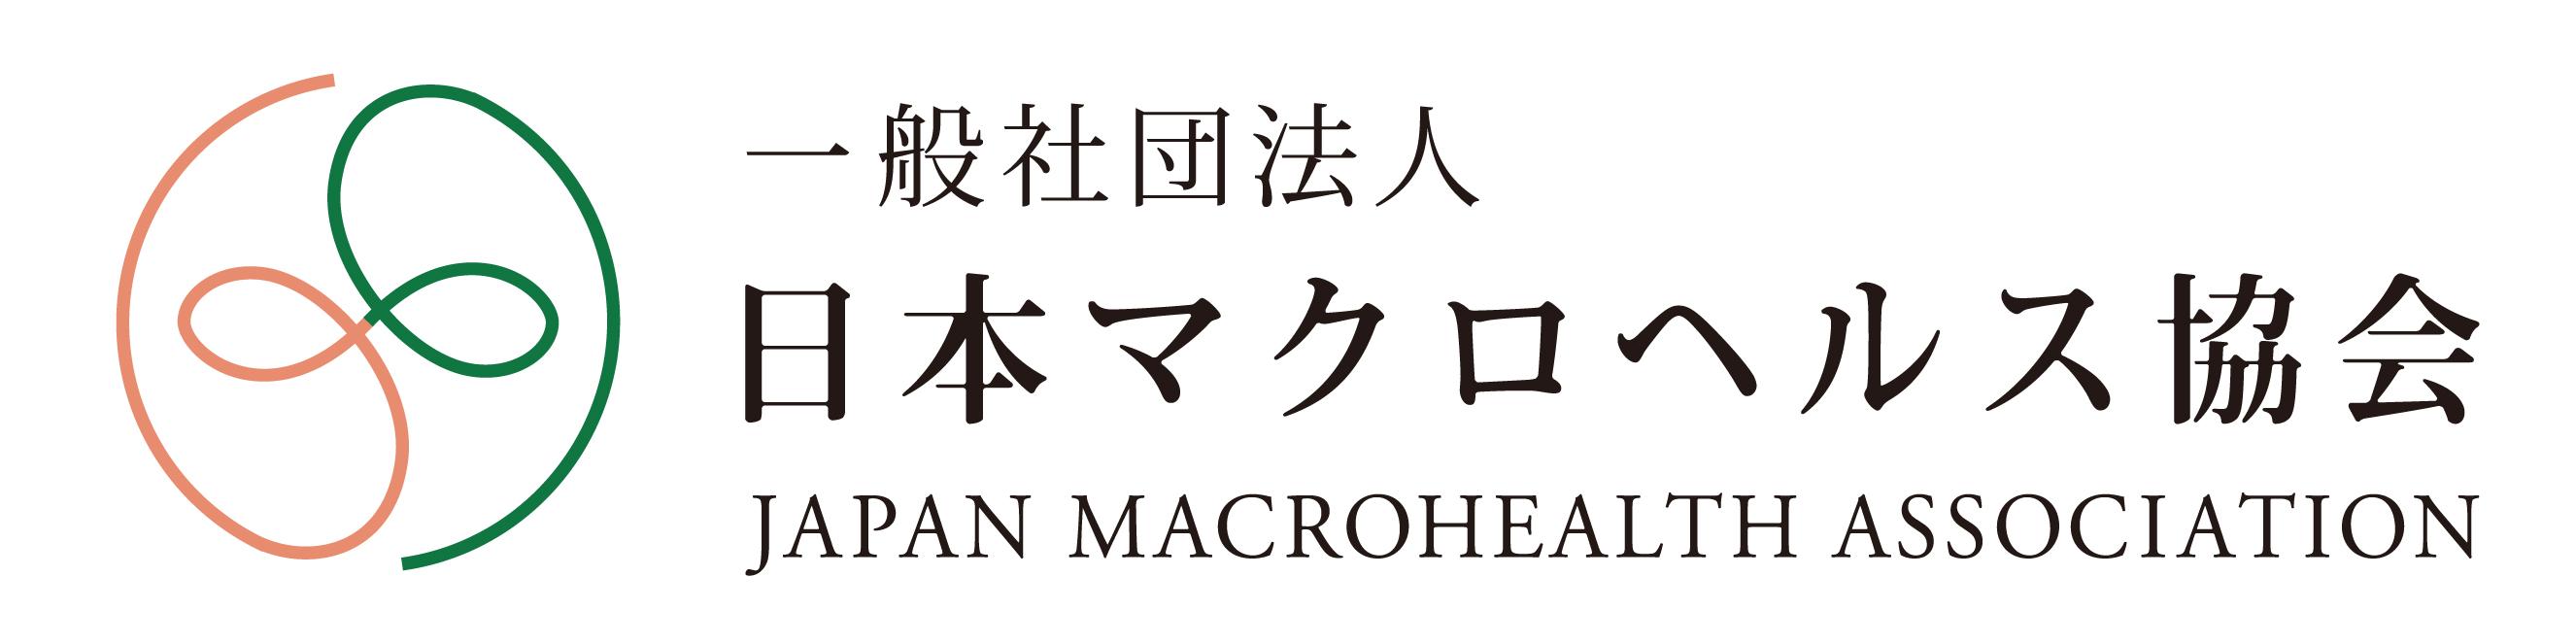 一般社団法人 日本マクロヘルス協会